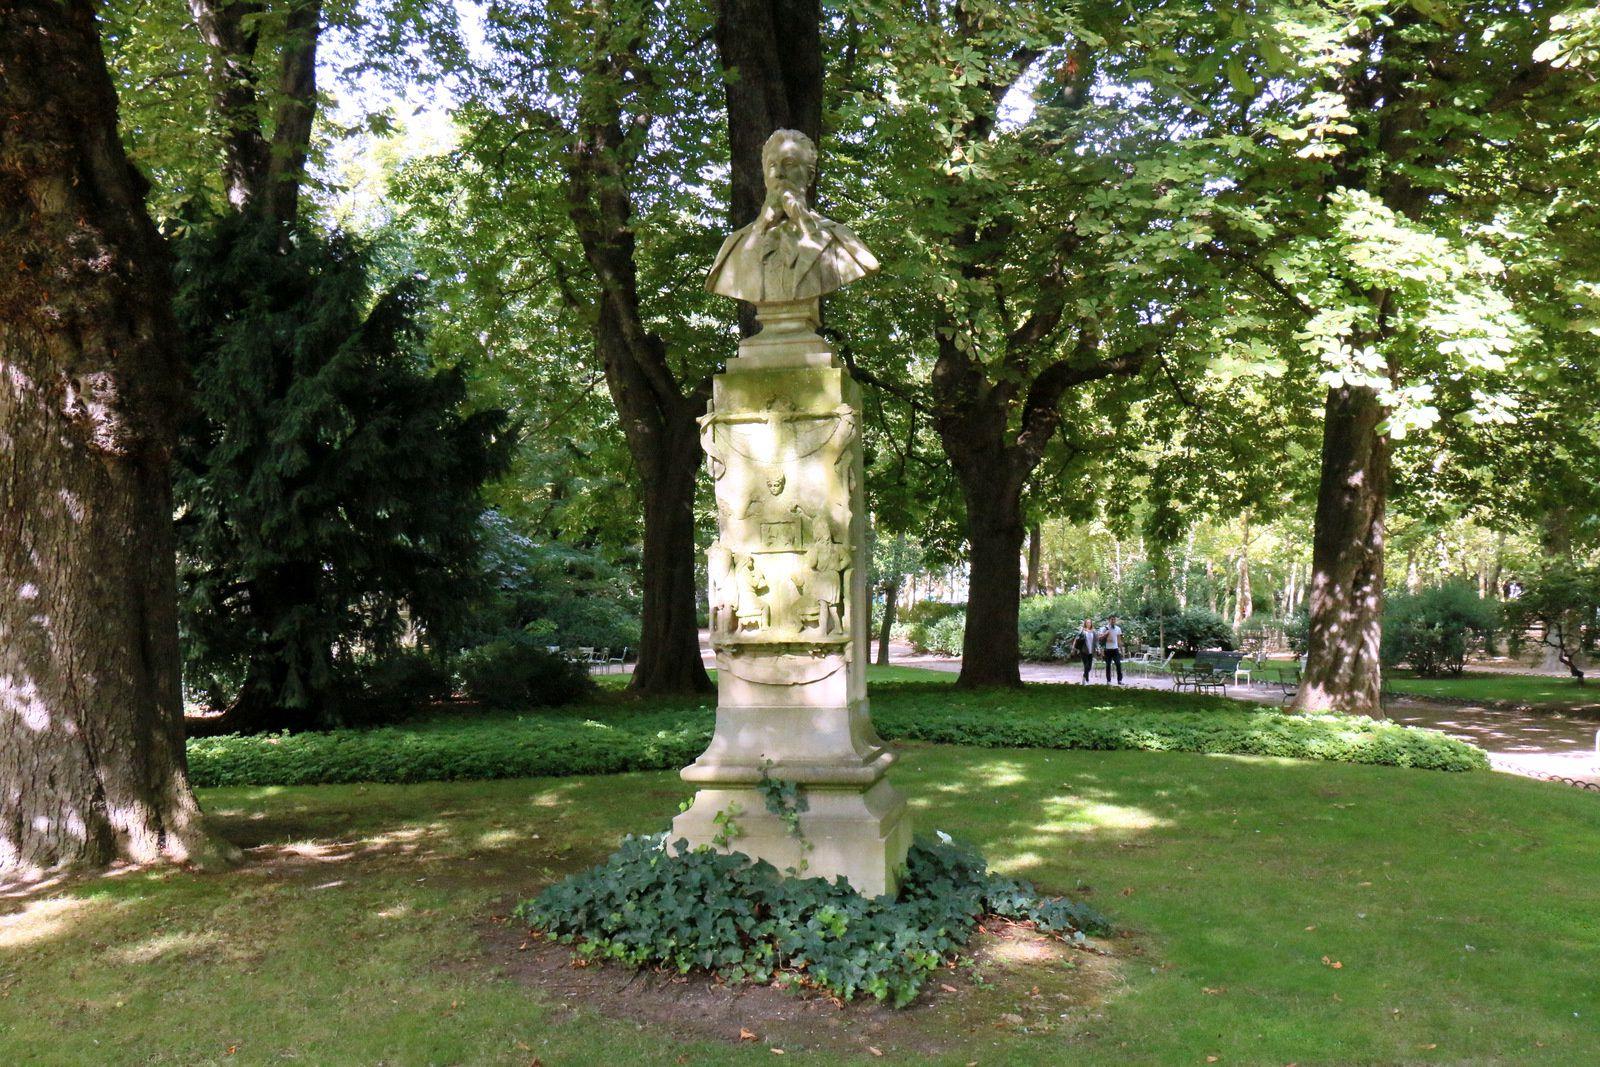 Buste de Louis Ratisbonne par Emile Soldi, jardin du Luxembourg